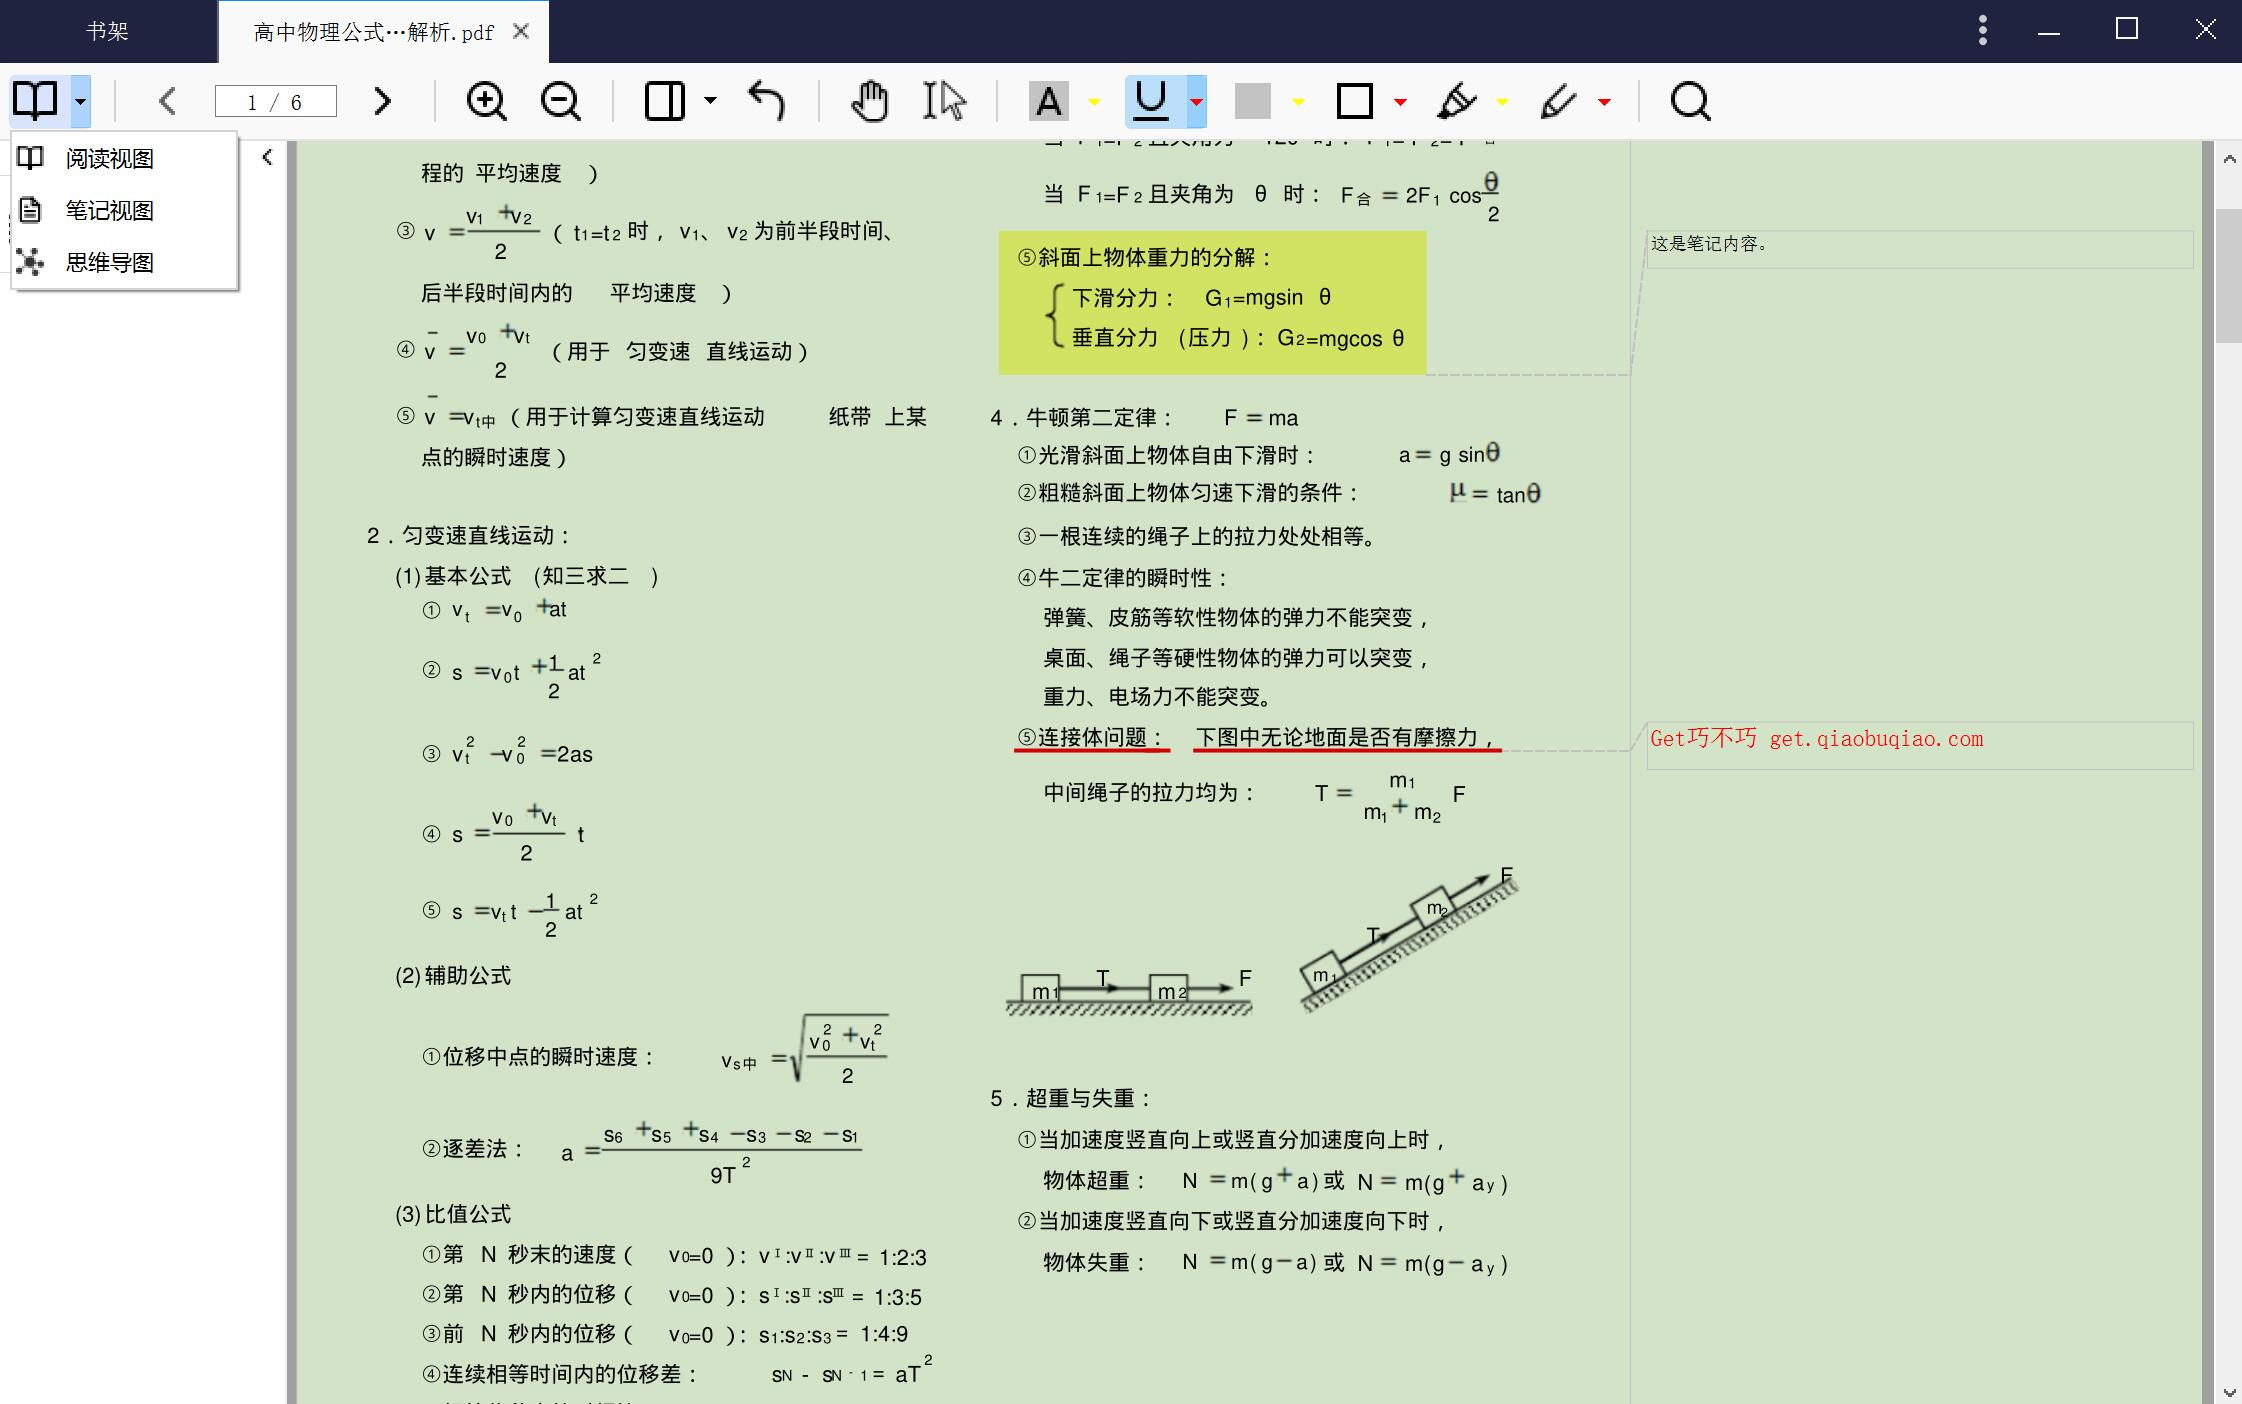 更加聚焦于看书的PDF阅读器,最主要的功能是做学习记录+思维大纲